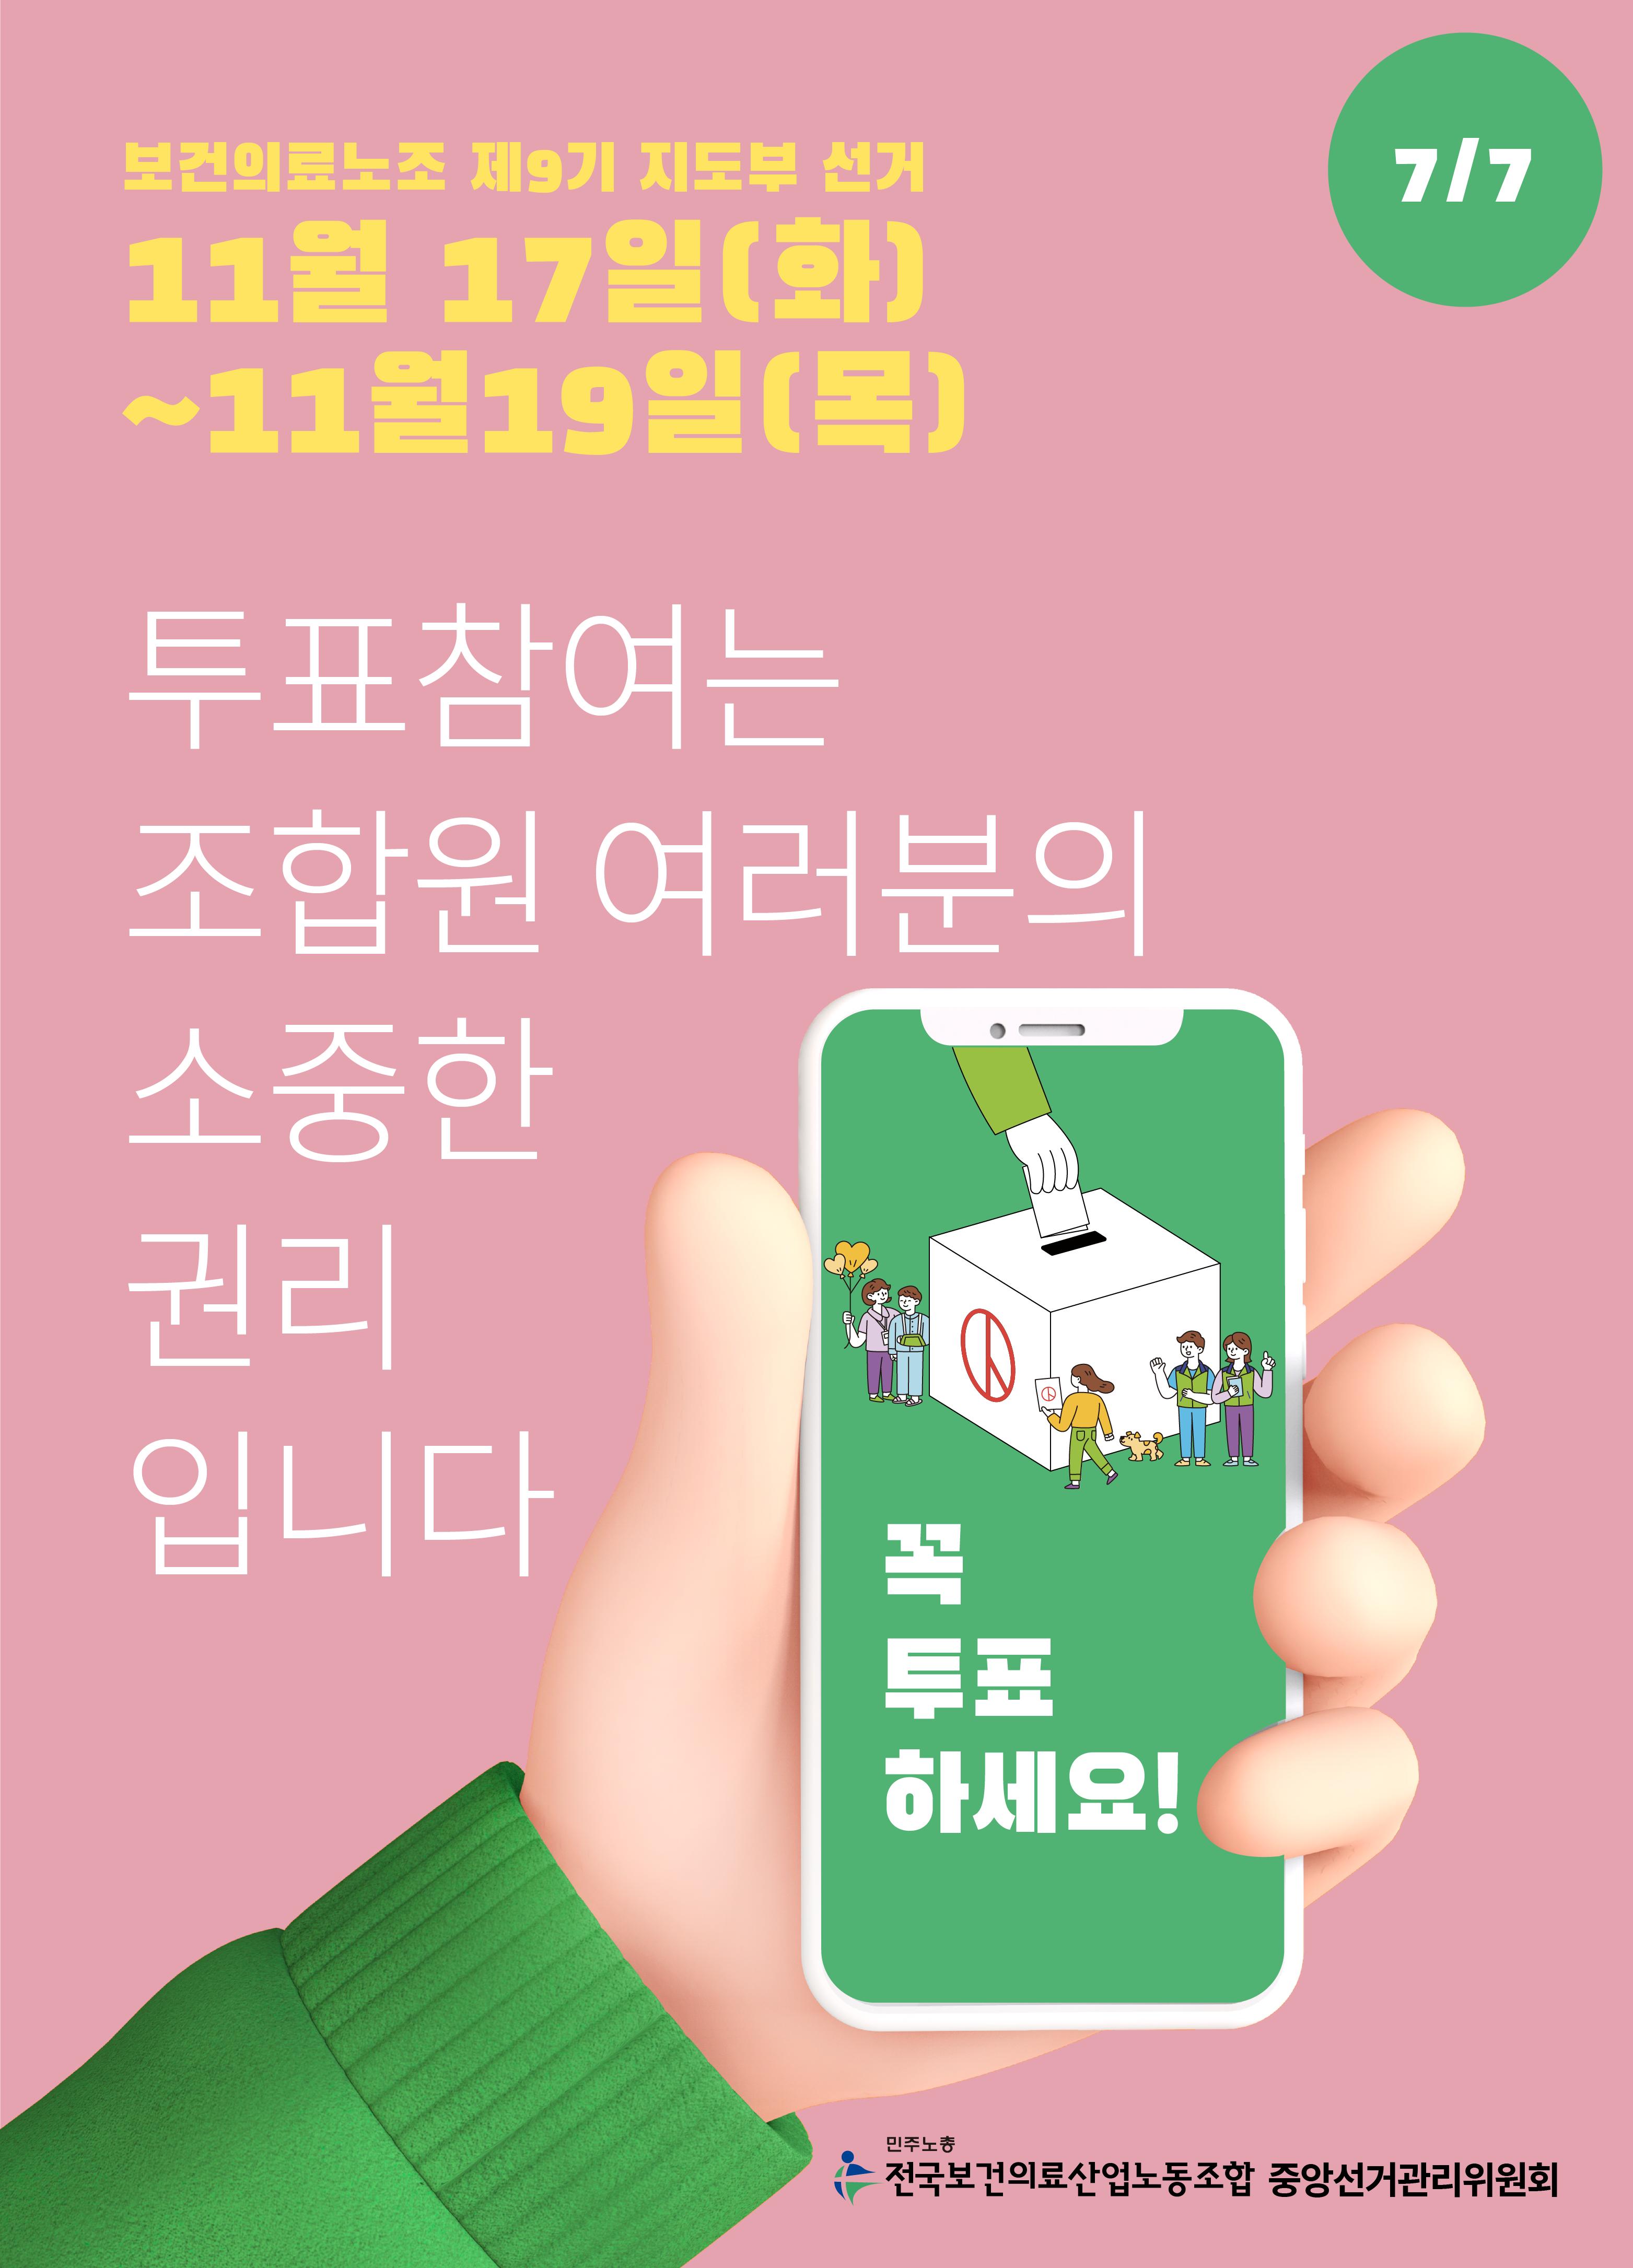 모바일투표 카드뉴스_대지 1 사본 6.png